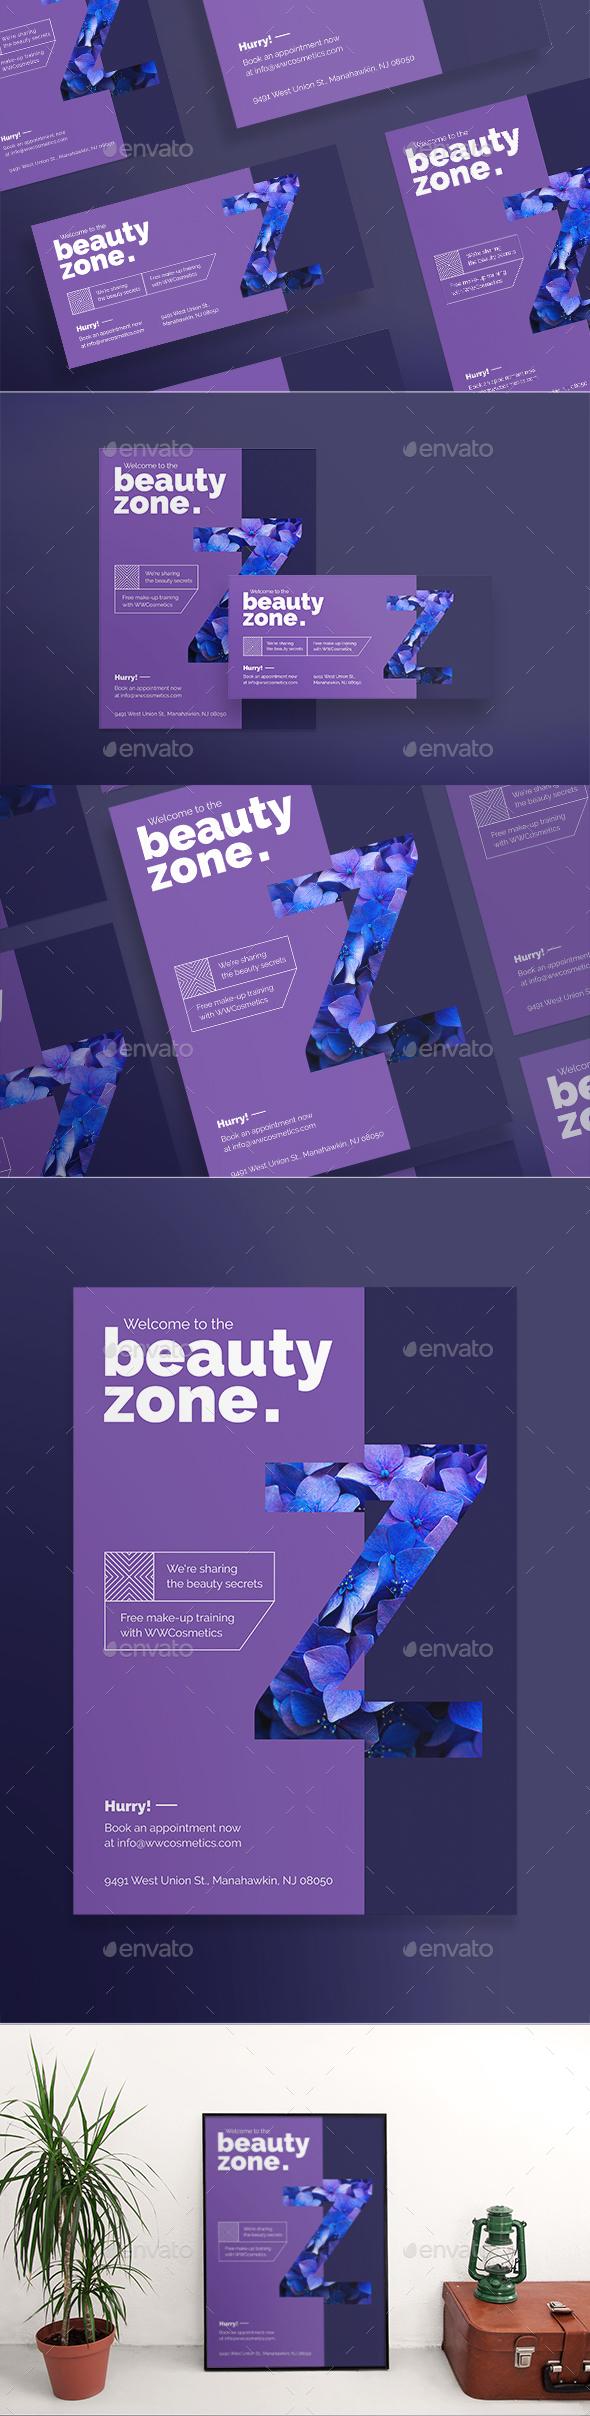 Beauty Zone Flyers - Corporate Flyers